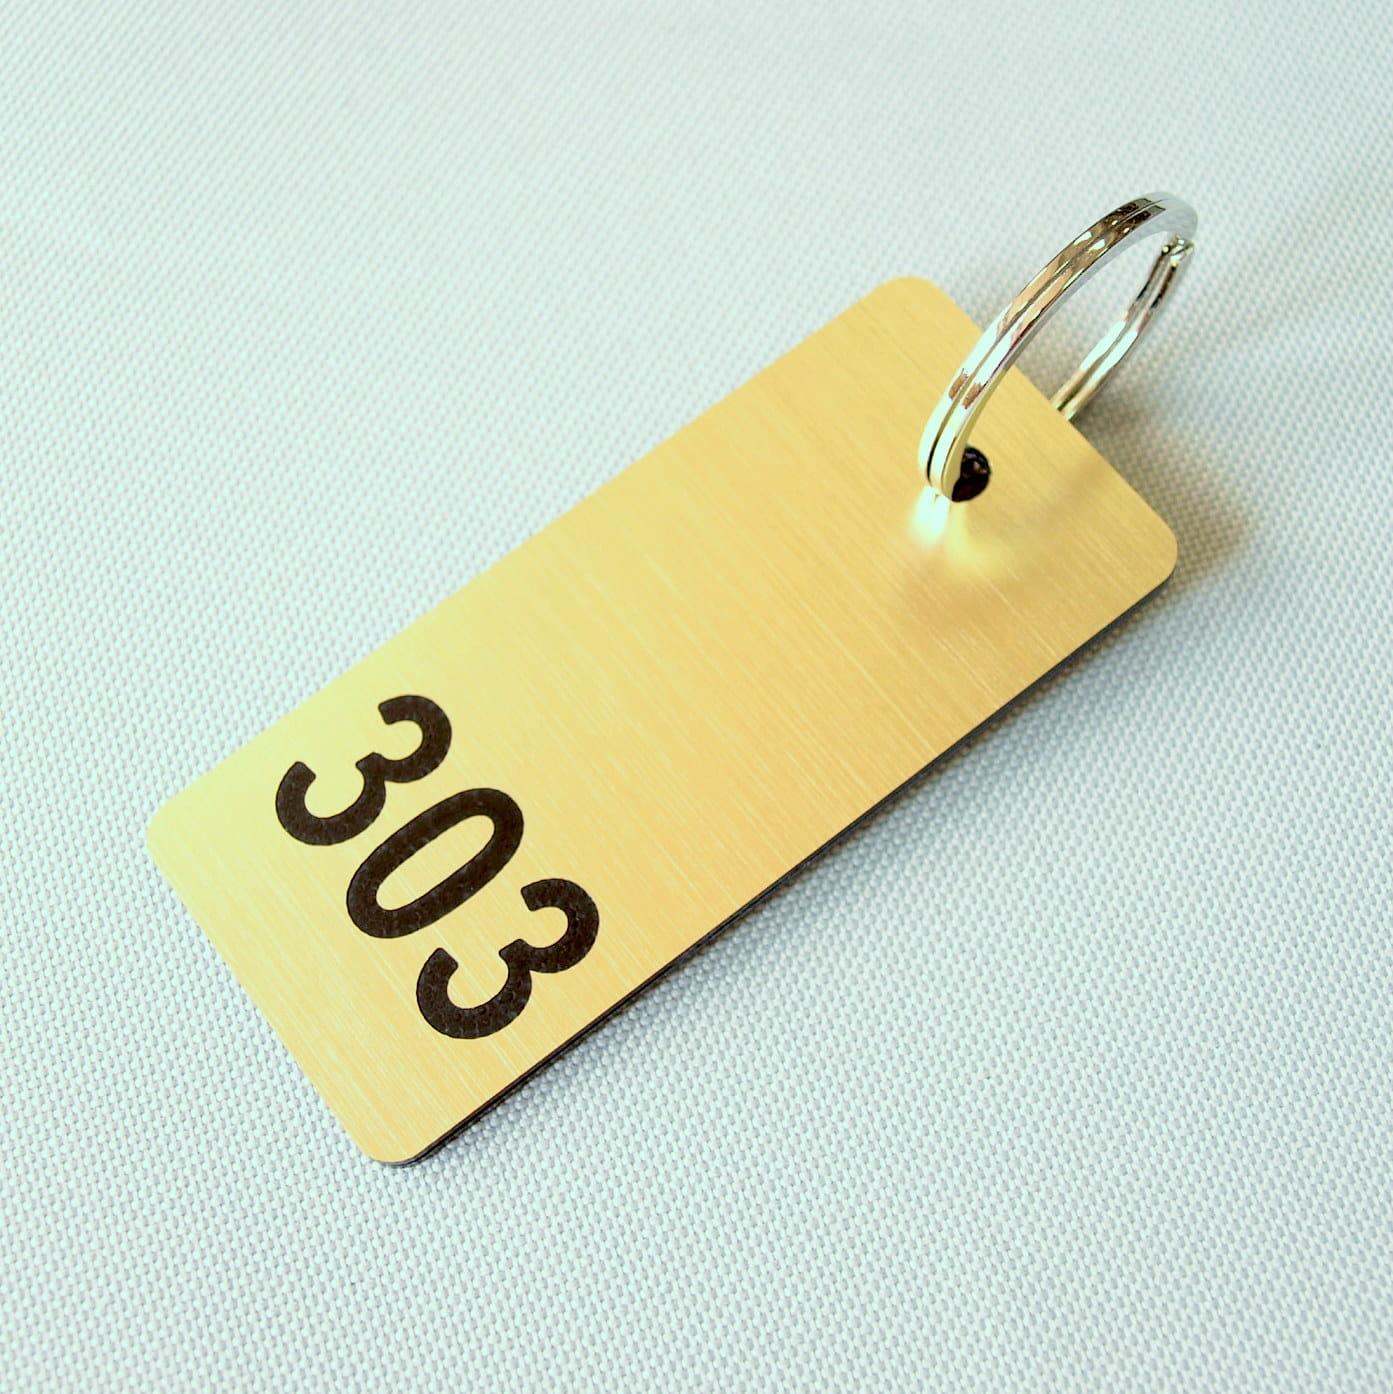 Brelok Hotelowy Brelok Do Kluczy Z Numerem Pokoju Hotelowego Lundi Znaki Napisy Symbole